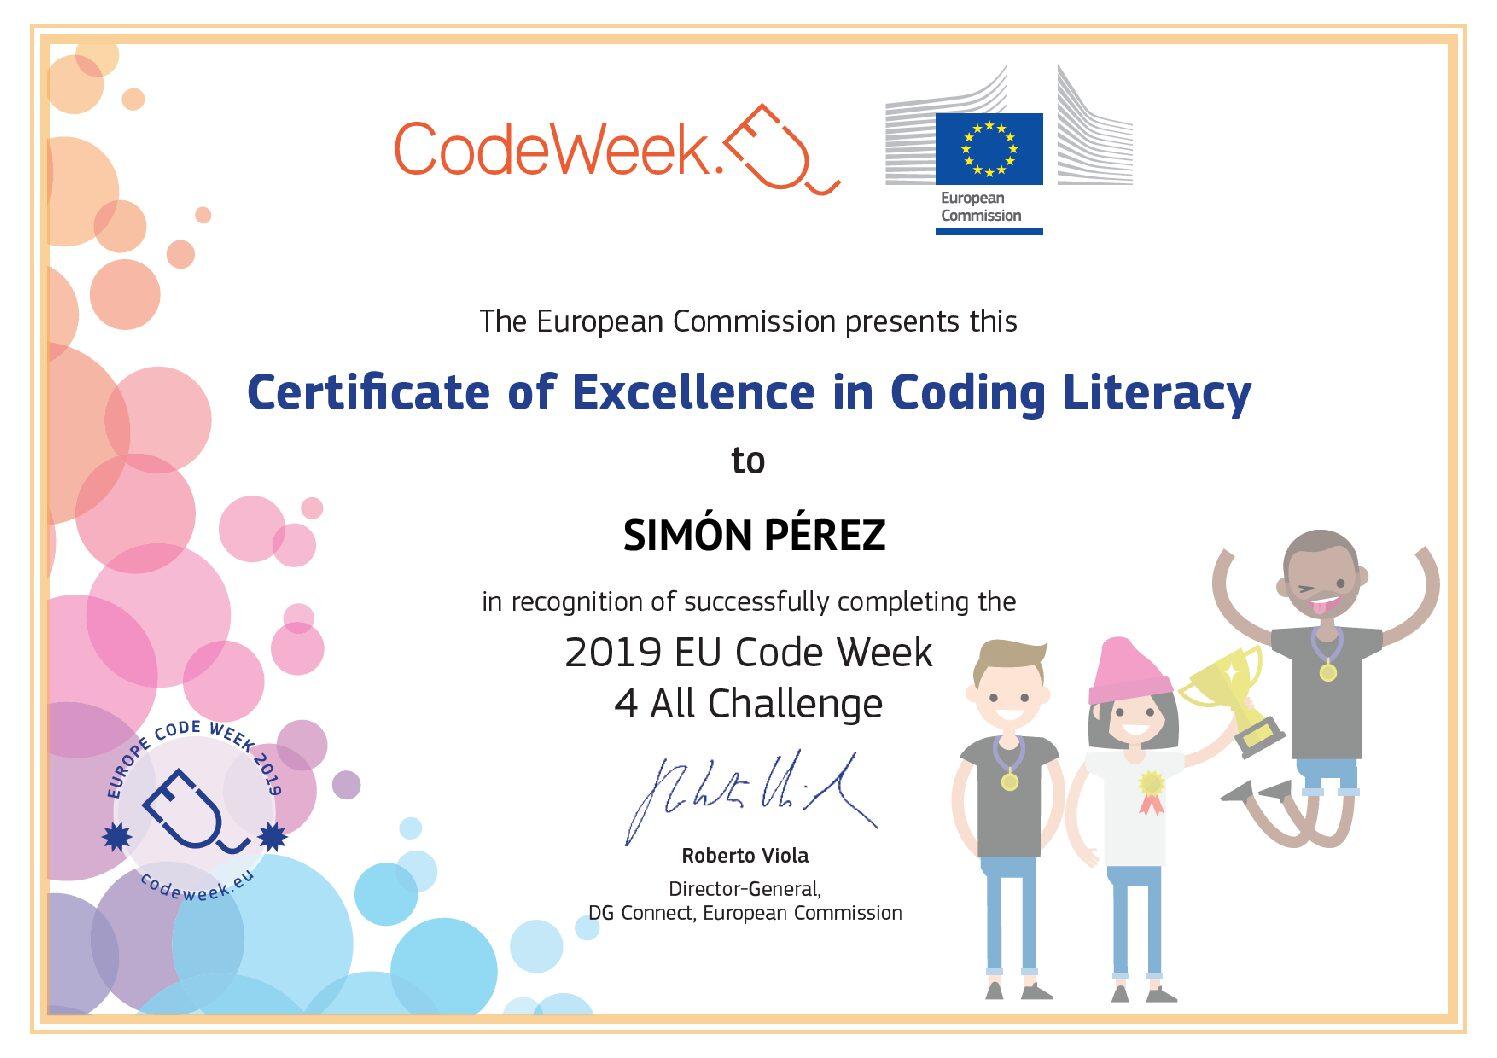 Codeweek Europeo